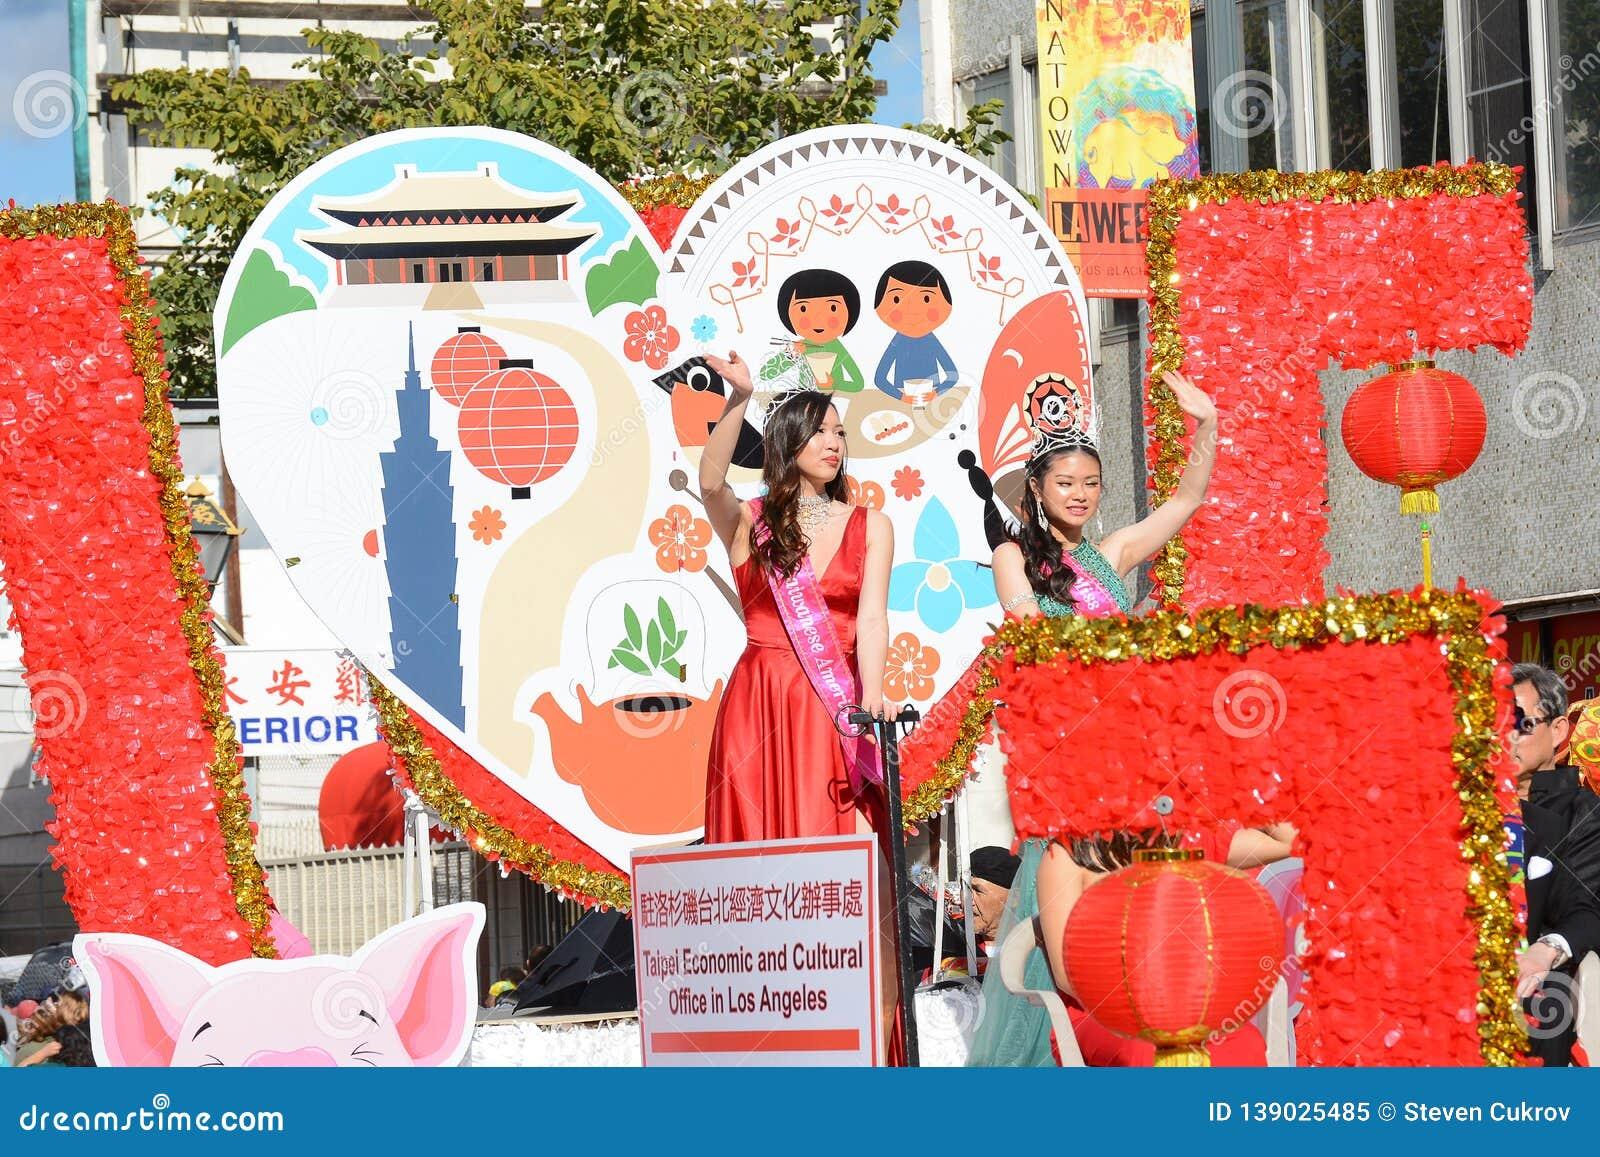 Тайванец Америка госпожи на поплавке Тайбэя экономическом и культурном офиса на параде Нового Года Лос-Анджелеса китайском